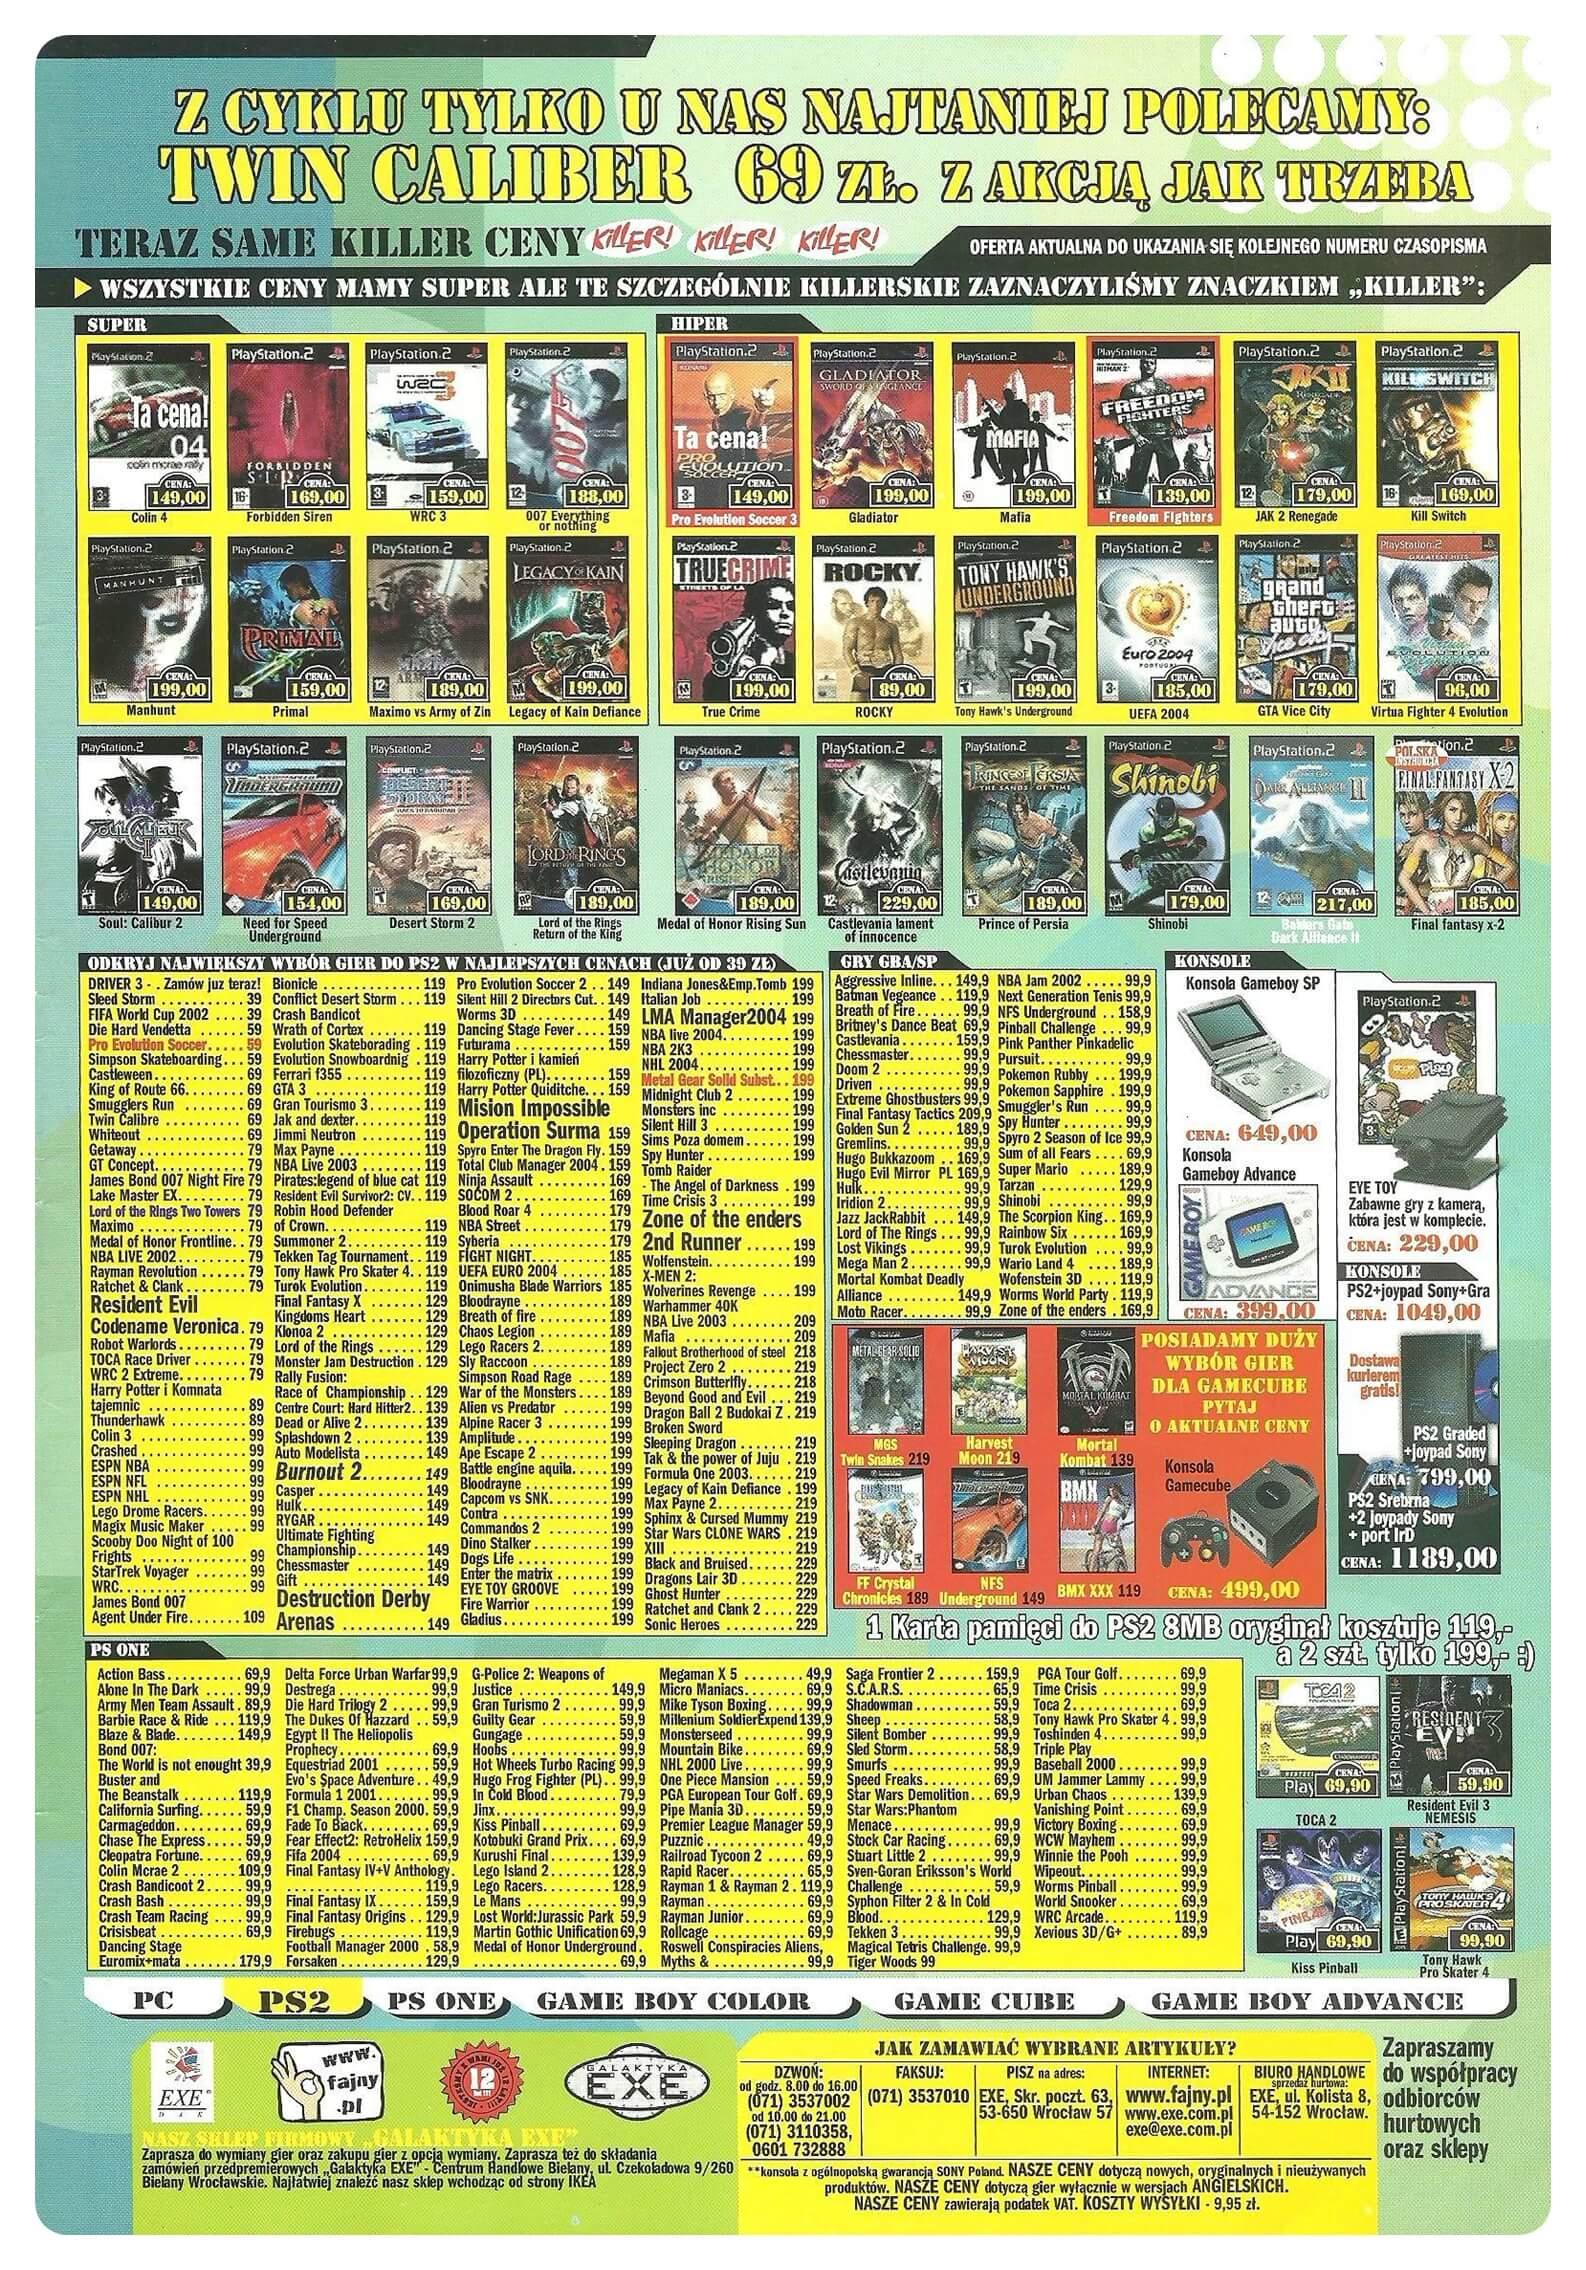 Neo Plus nr 066 200483q4 - Jak wyglądały ceny różnych konsol w Polsce w latach 1996-2006?